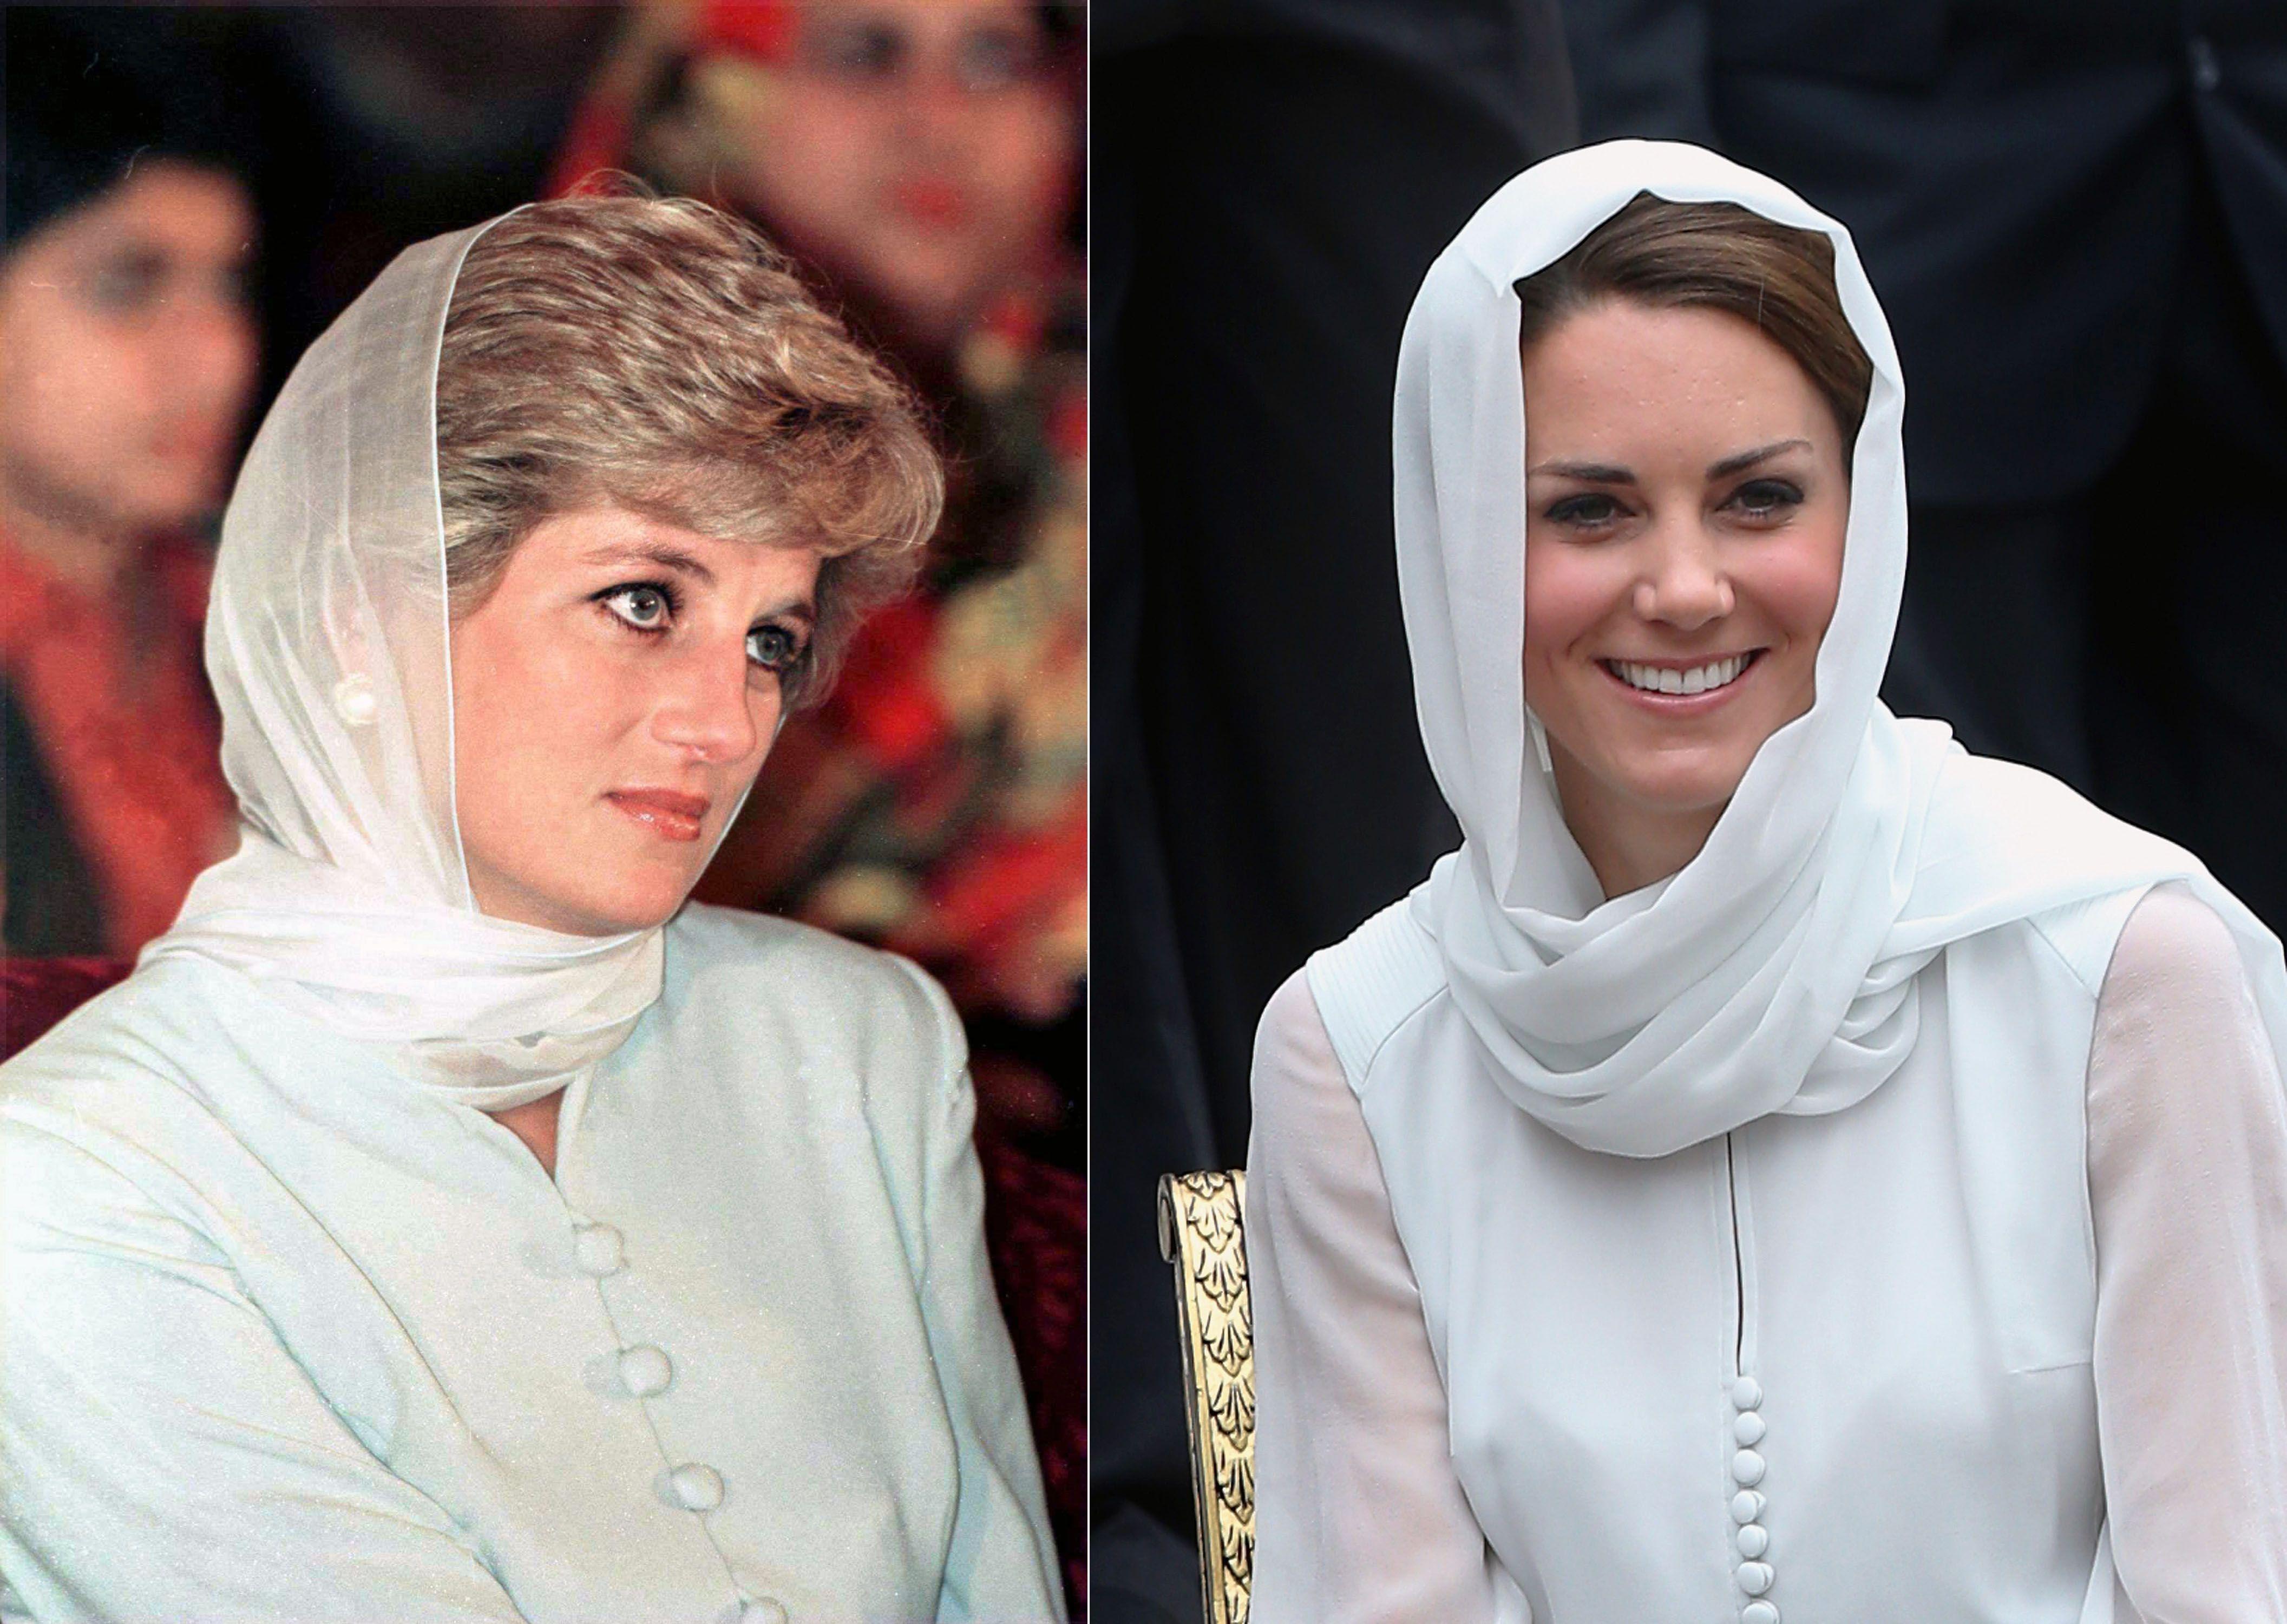 Kate Middleton to Pay Homage to Princess Diana on Royal Tour of Pakistan